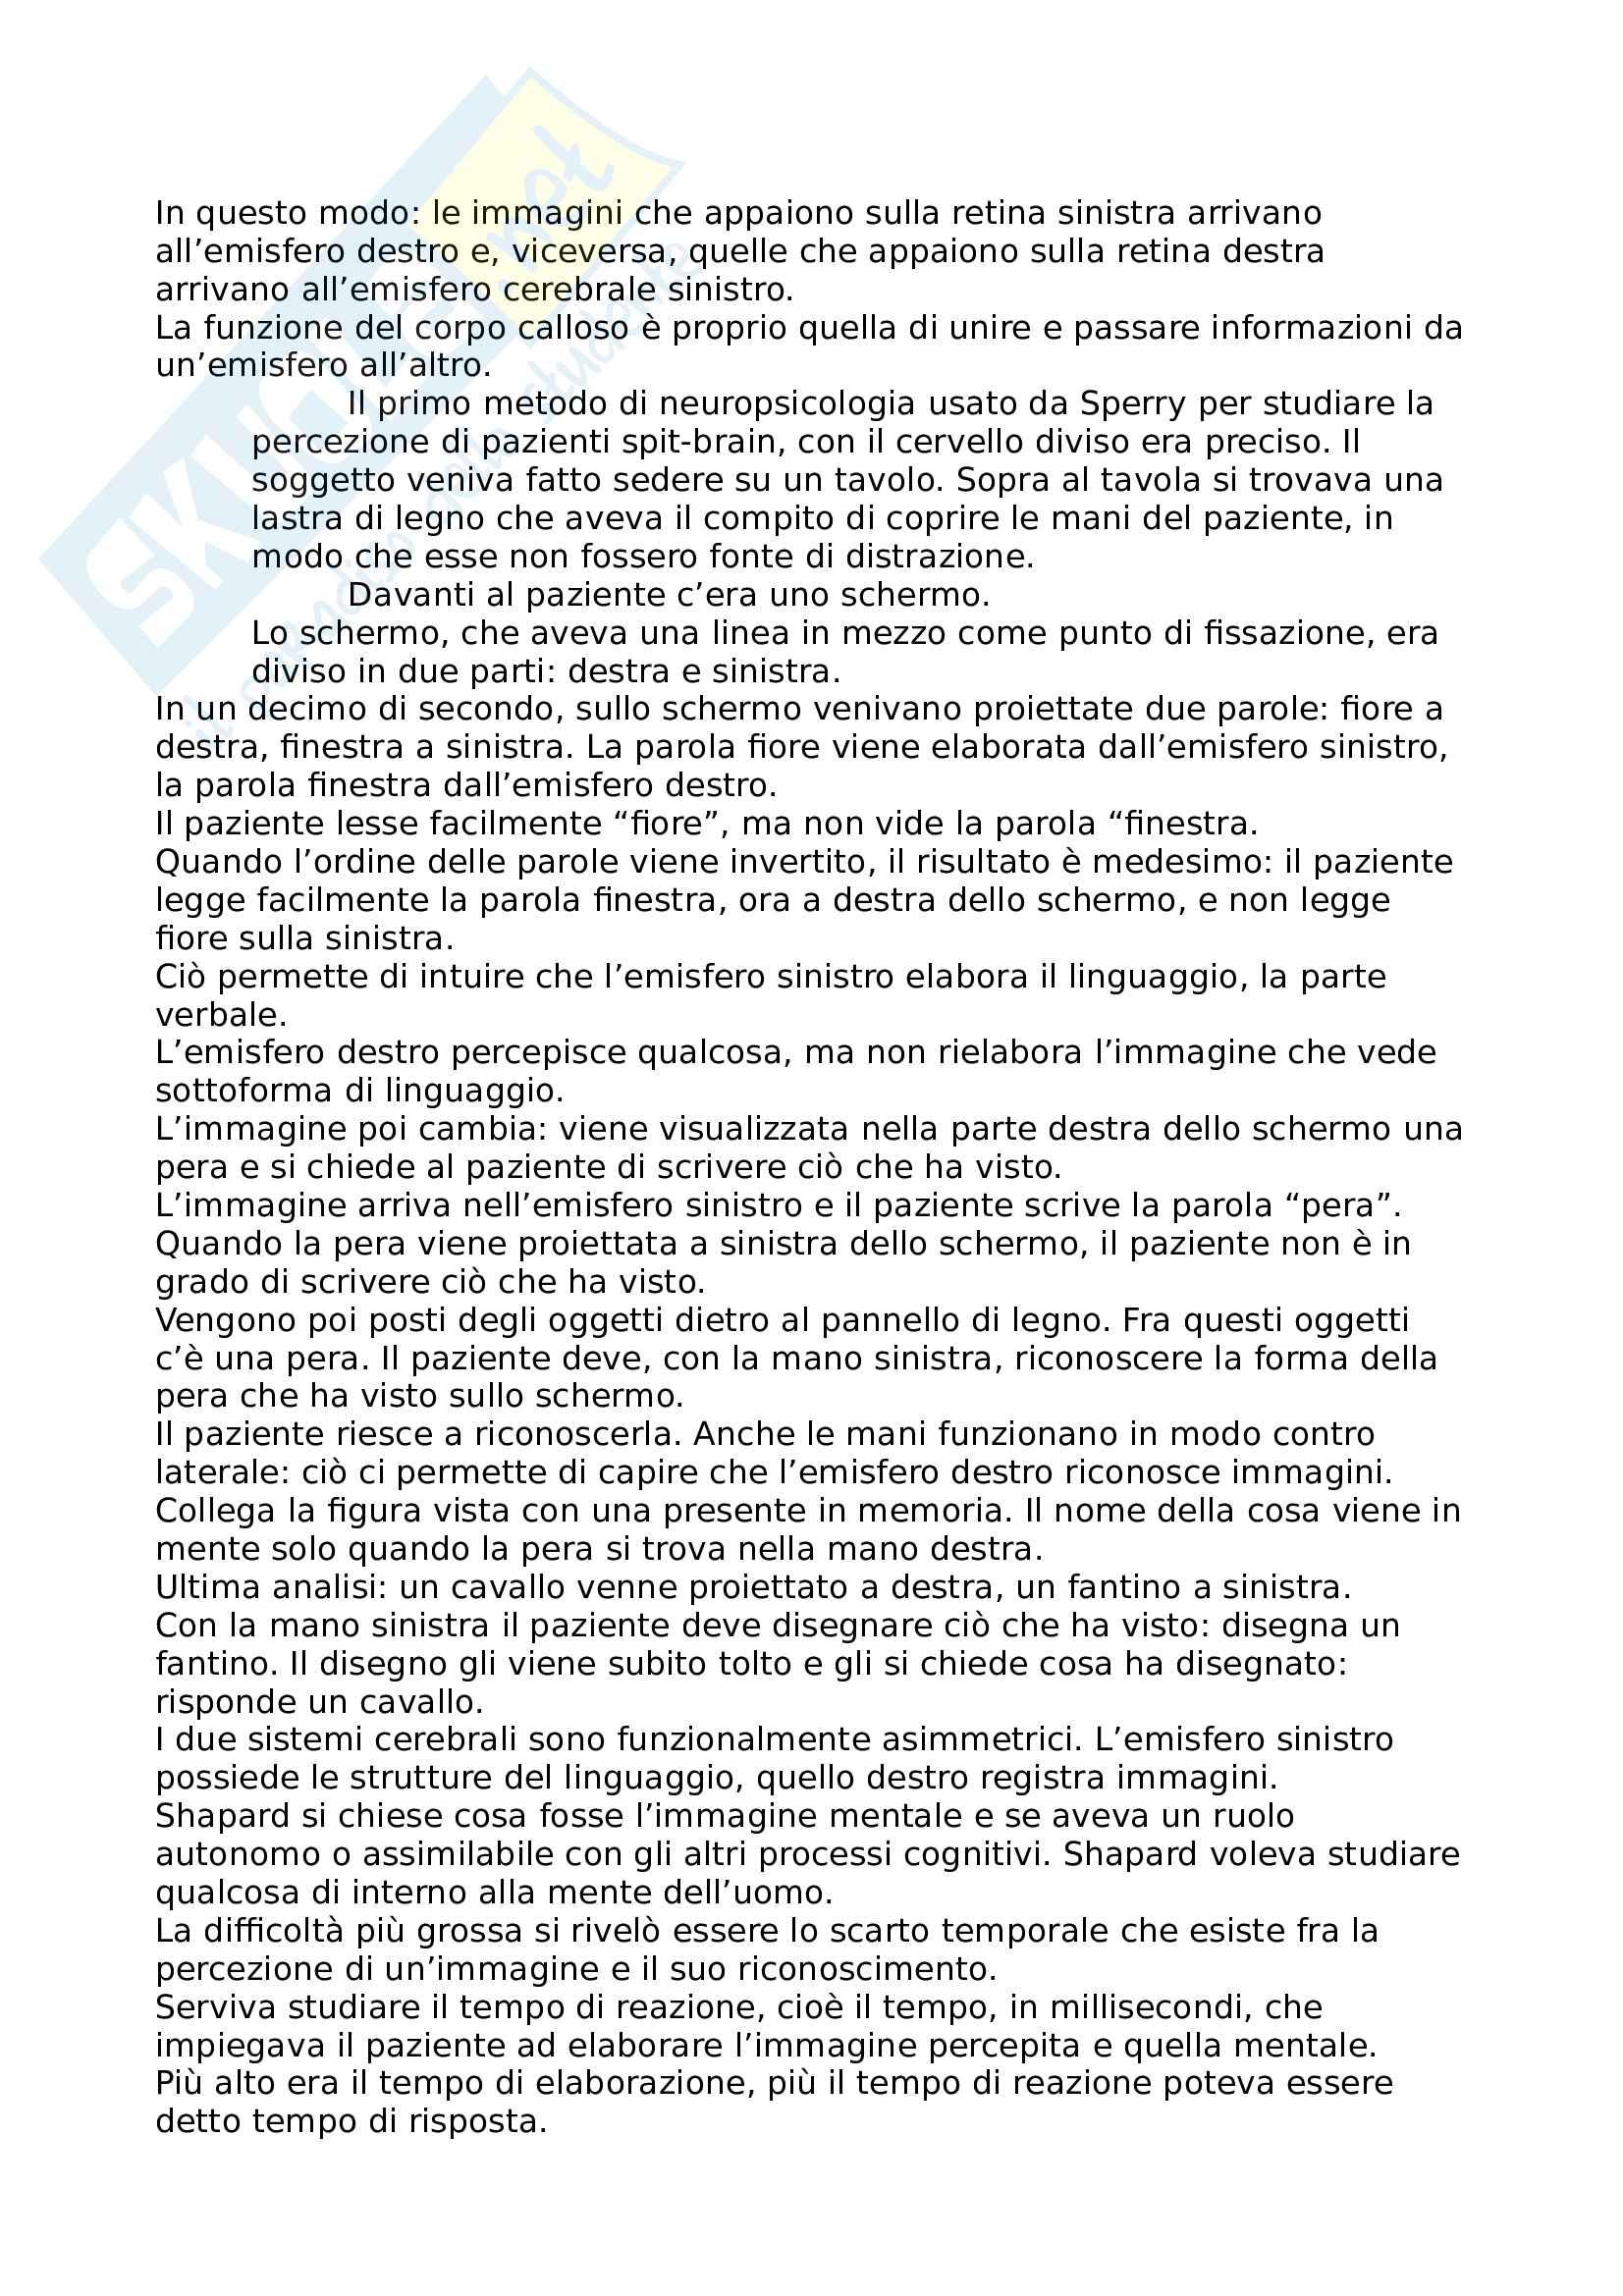 Psicologia Generale - Appunti e domande Pag. 21